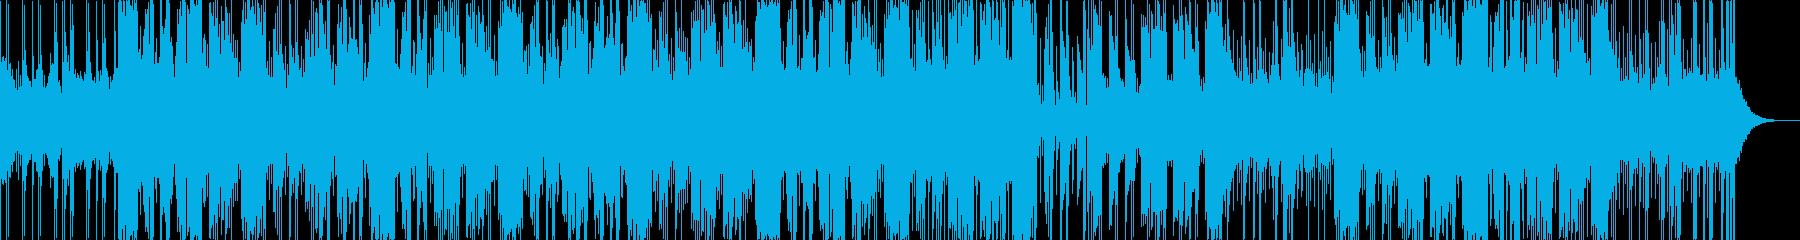 メロウなHip Hop R&B BEATの再生済みの波形